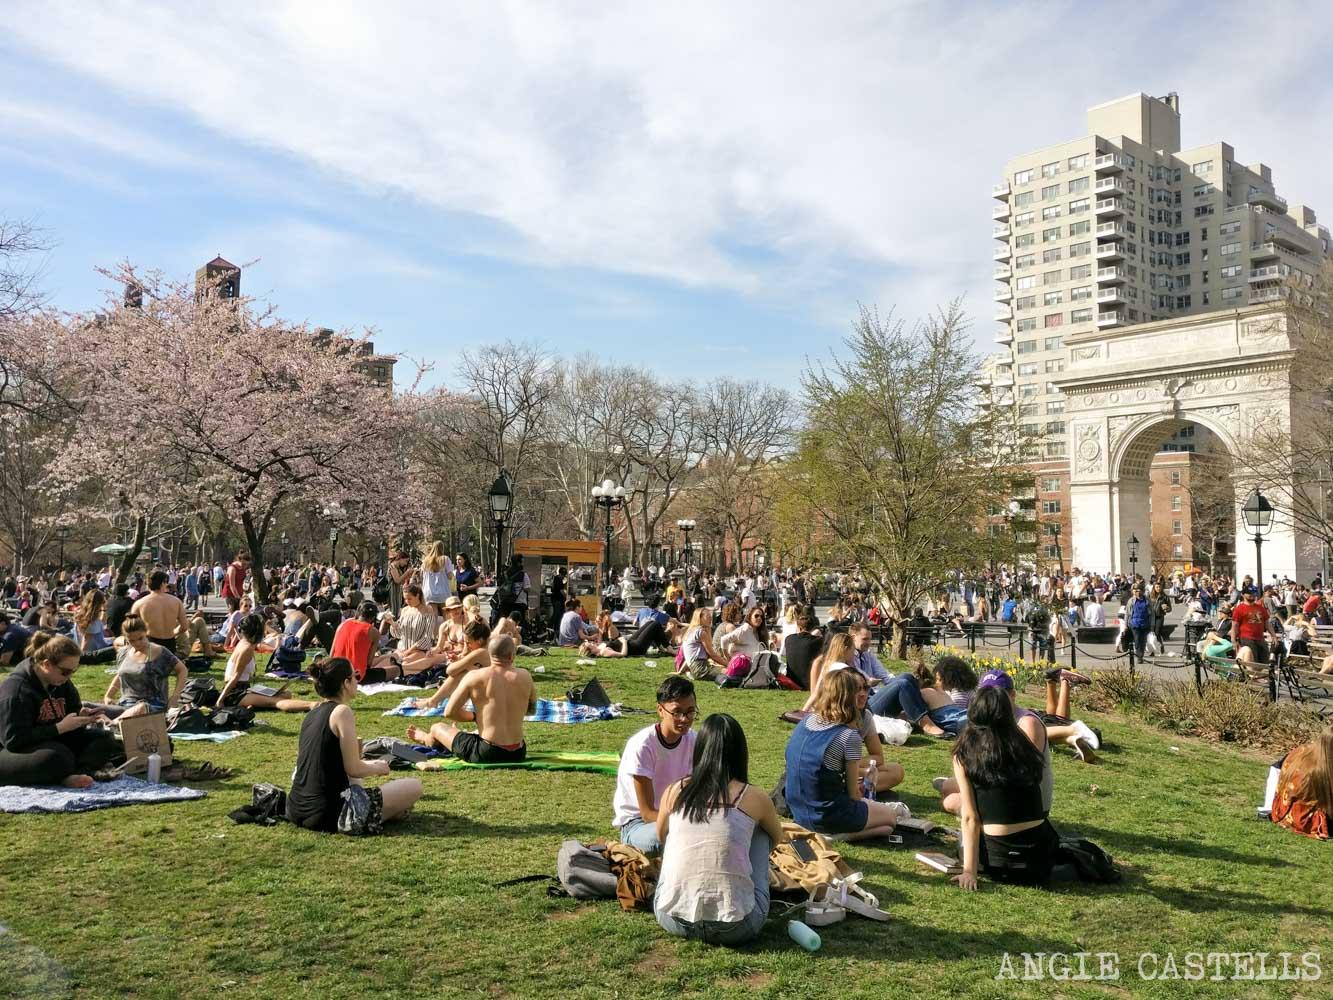 Qué hacer en Nueva York en primavera: la plaza Washington Square